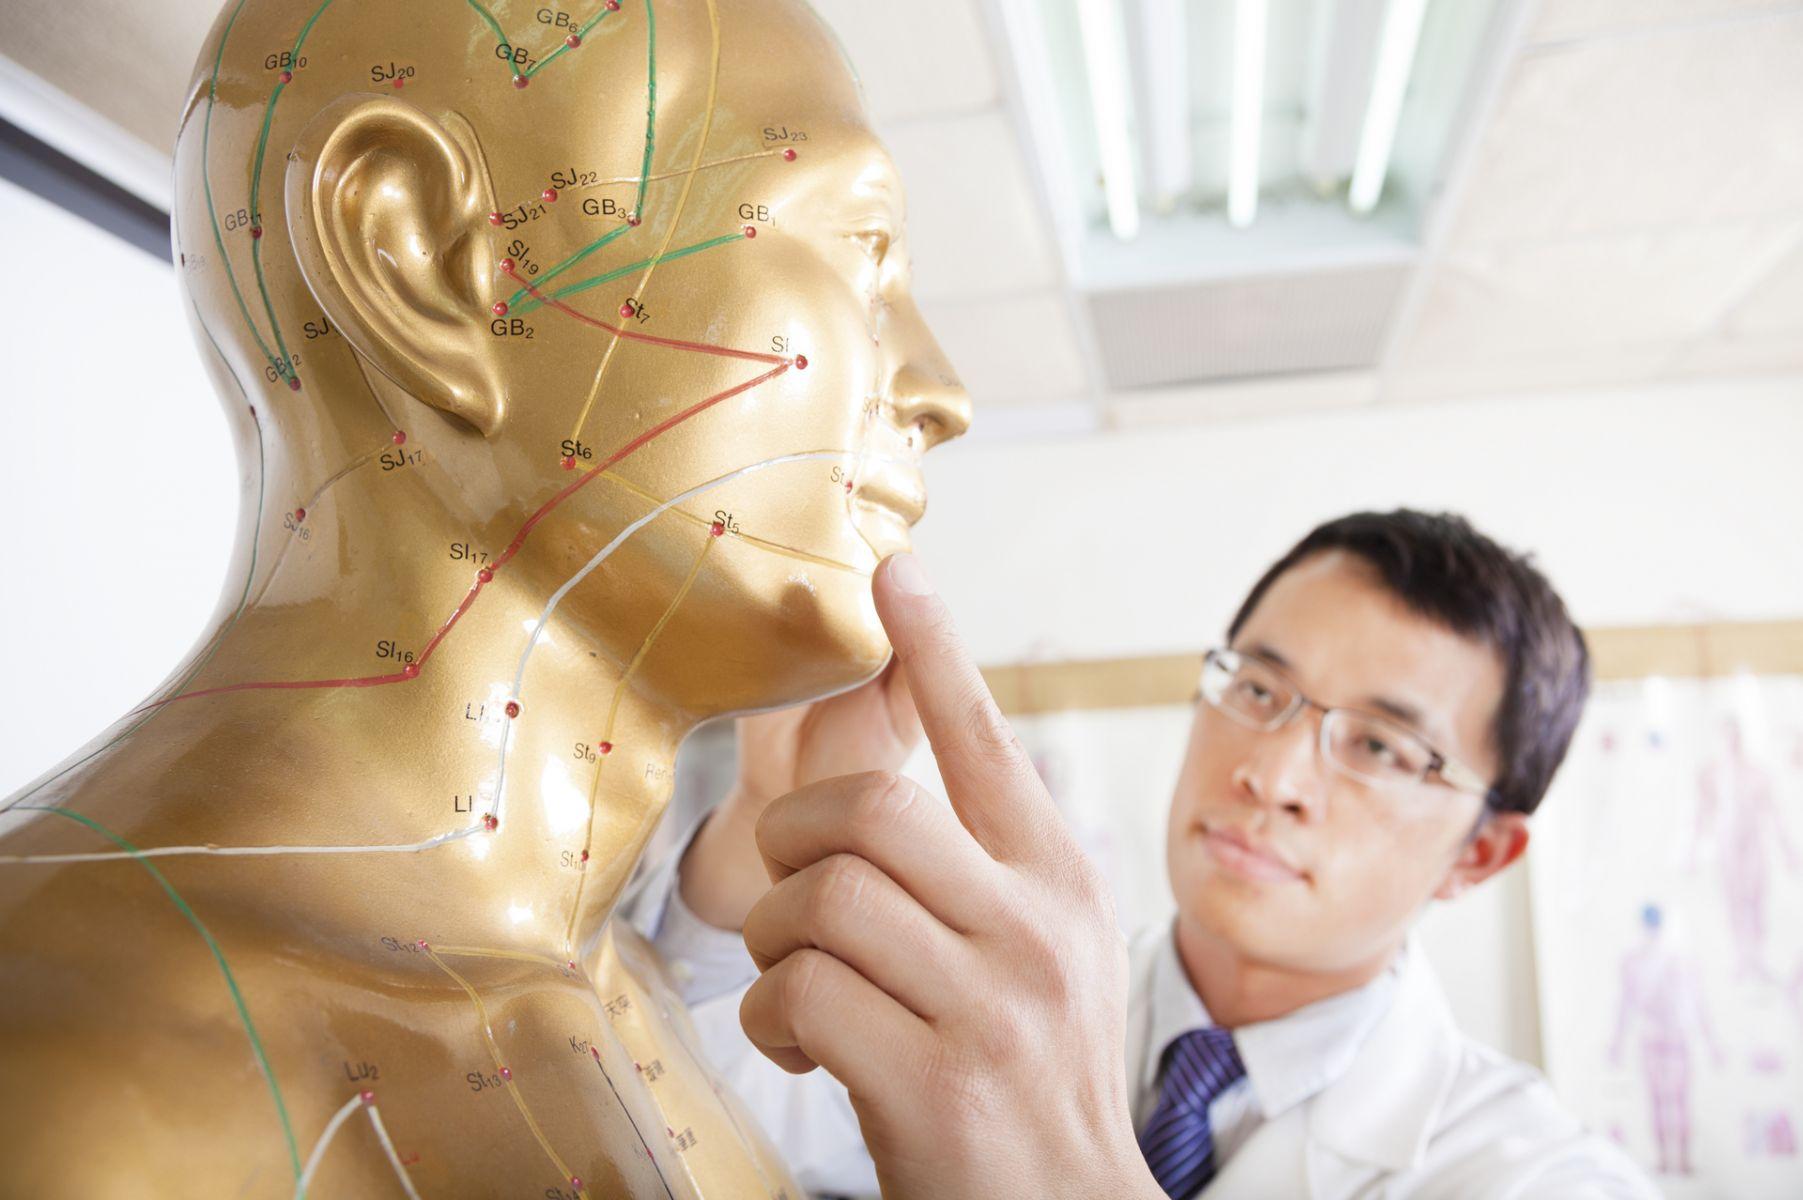 中醫改善化療副作用、鼻過敏 研究證實有效